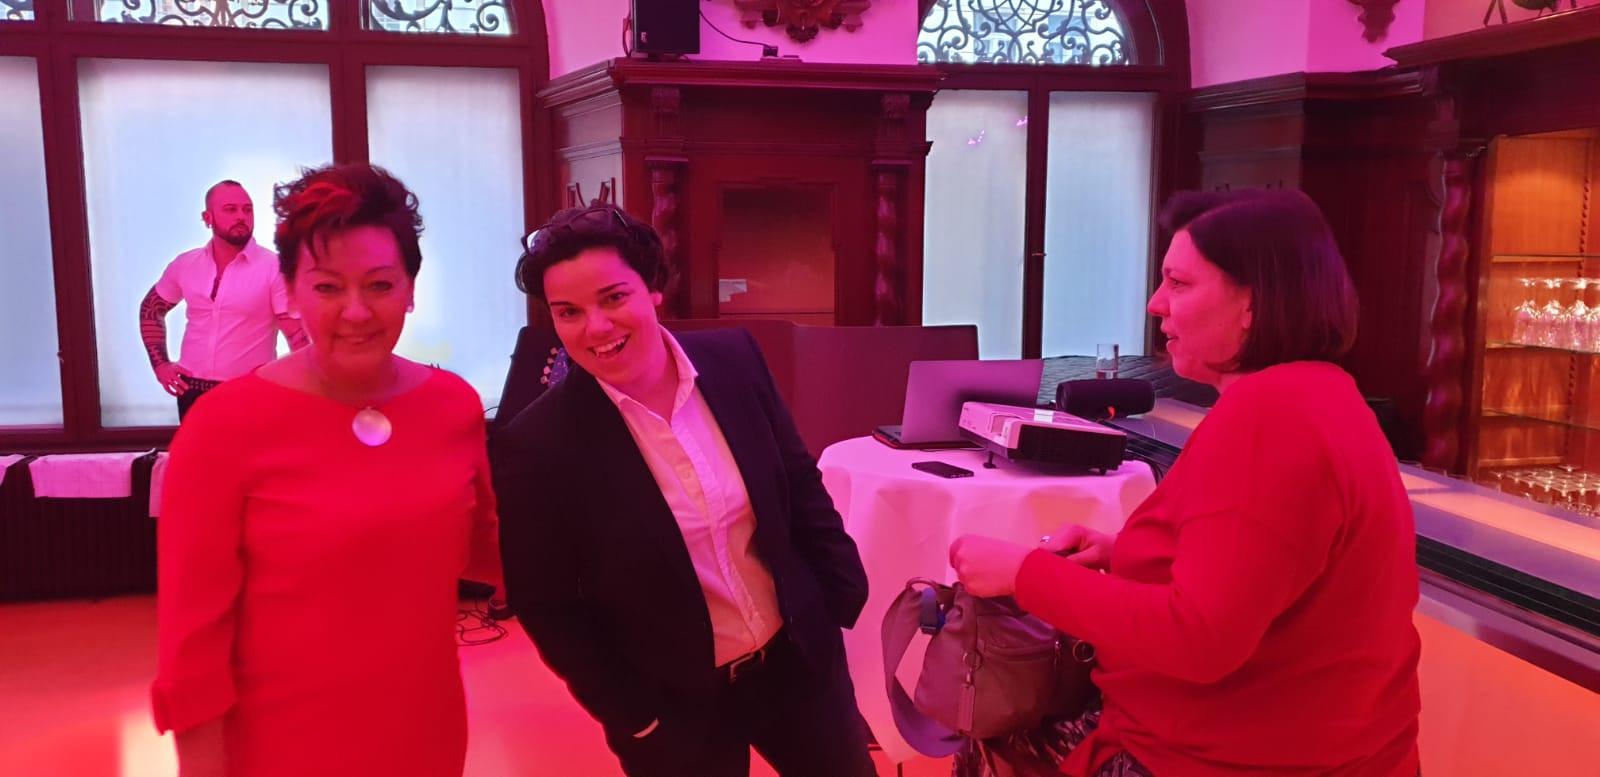 Martina Wimmer, Karin Kernmayer und Petra Klein bei den Vorbereitungen